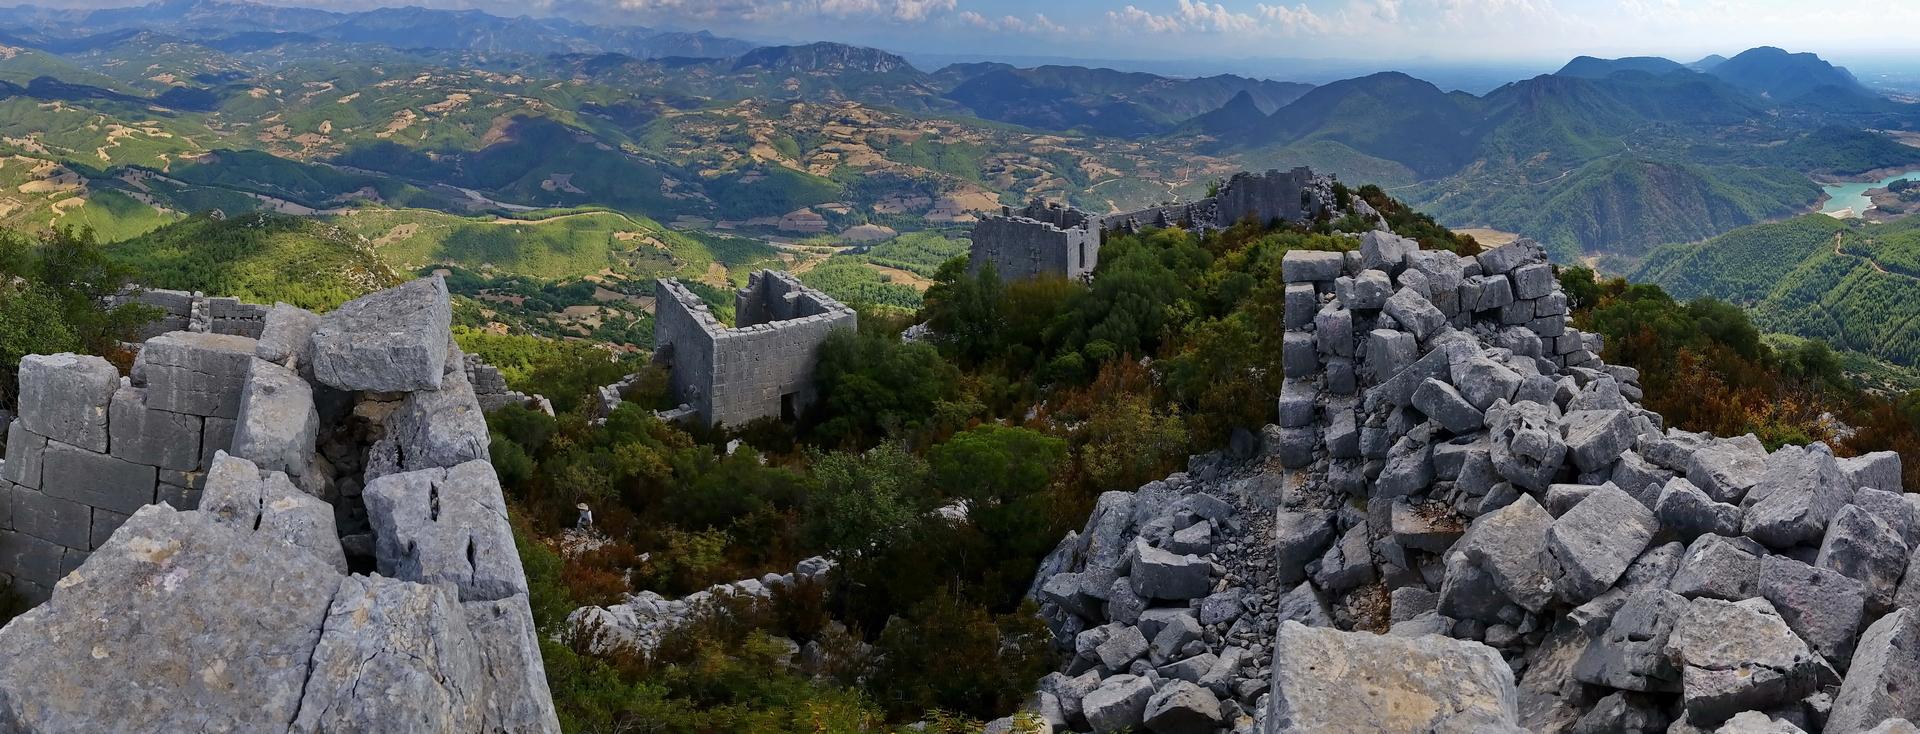 Karasis; lower castle